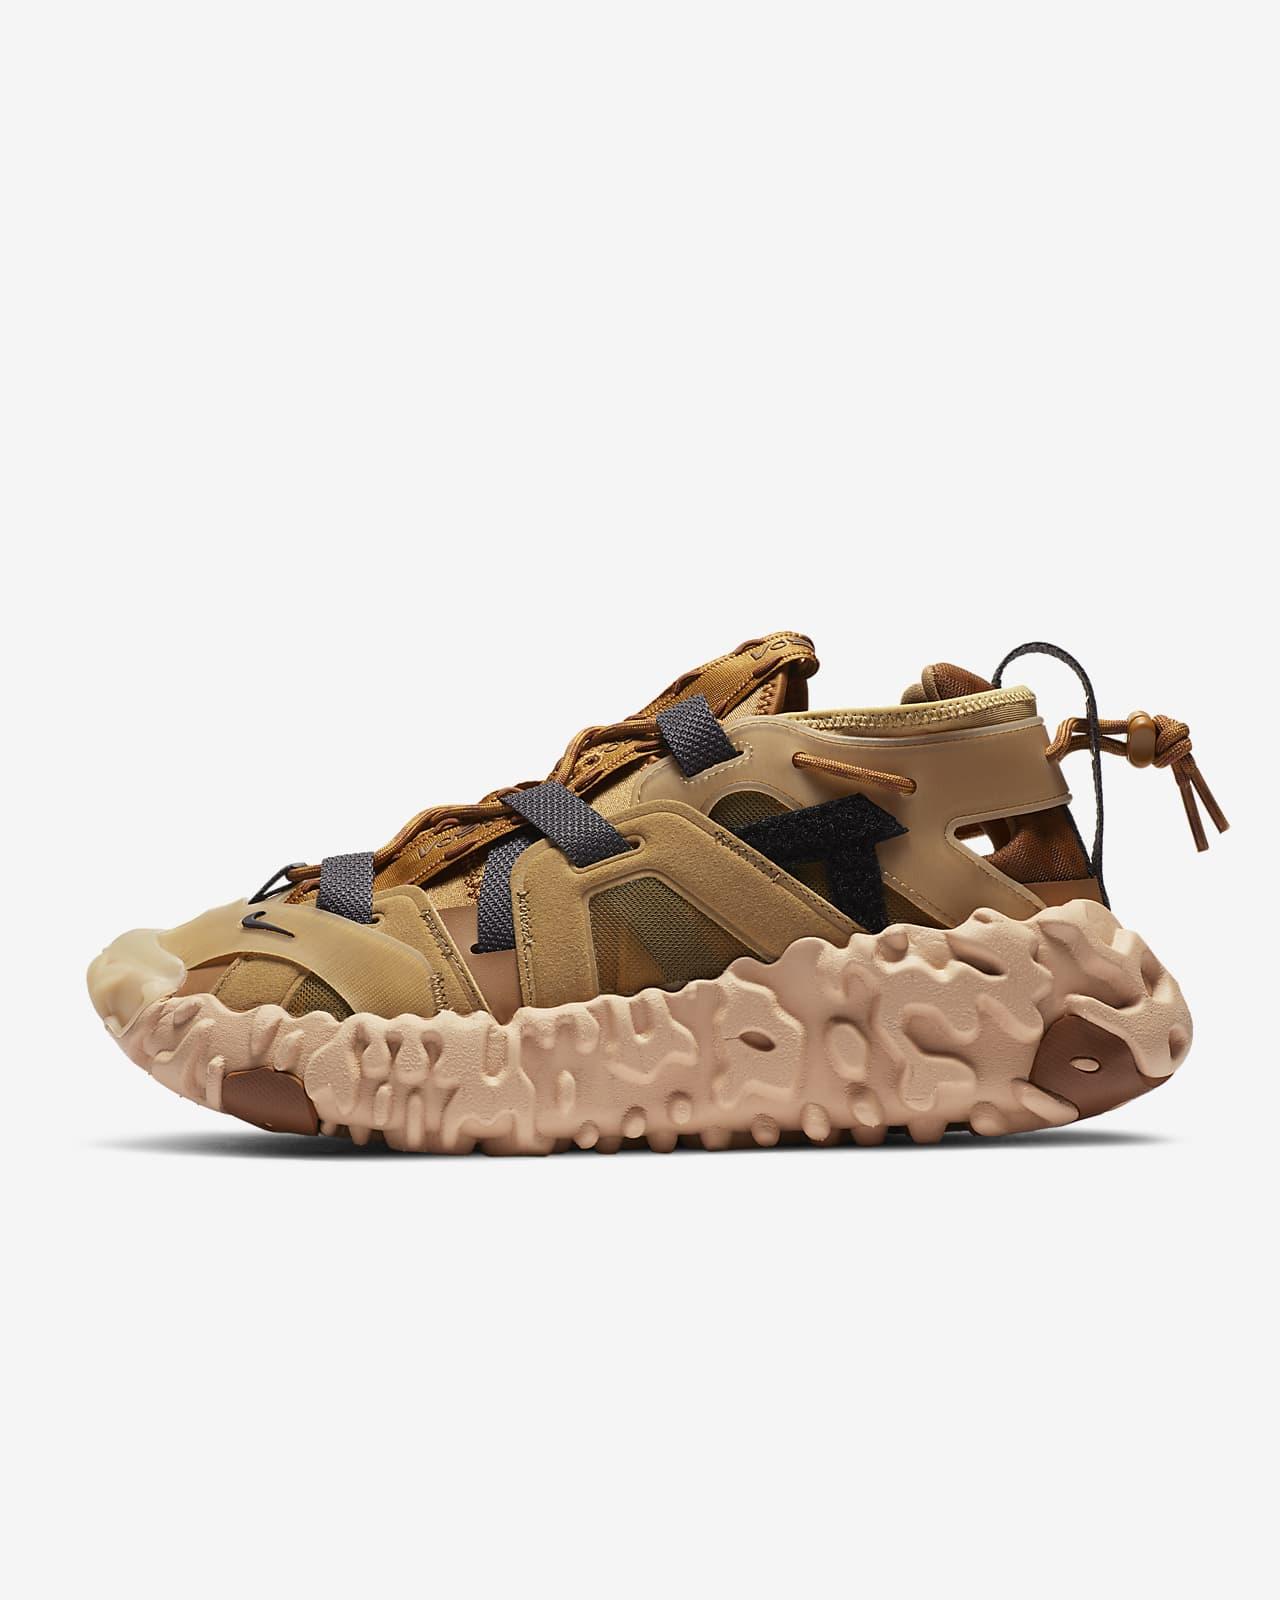 Sandalias Nike ISPA OverReact